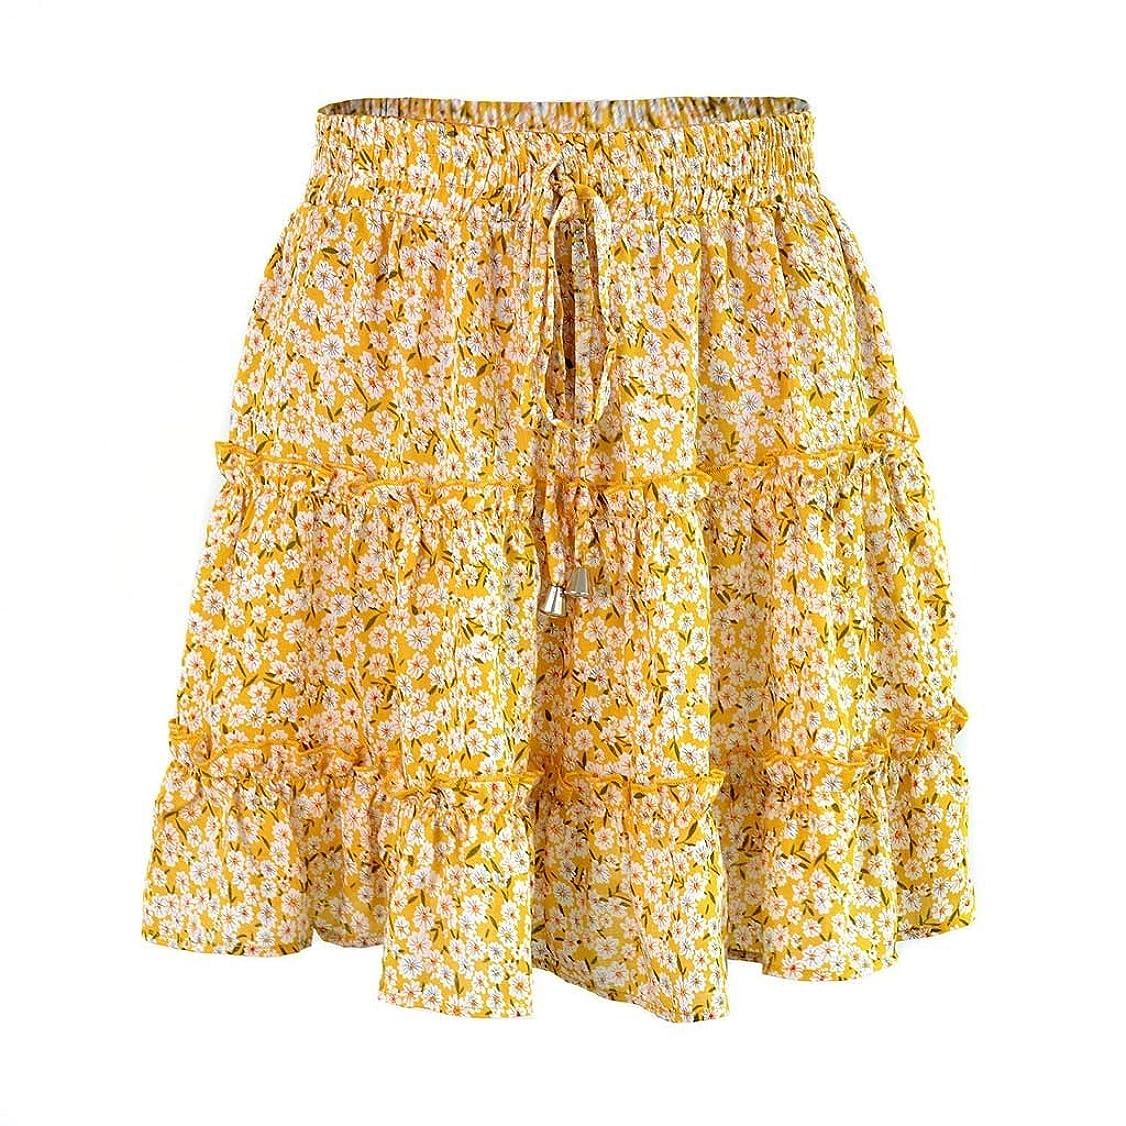 背骨ラック首ヨーロッパとアメリカの女性の夏のハイウエストスカートは花の印刷されたビーチAワードスカートをフラウンス付き (Color : A, Size : XXL)